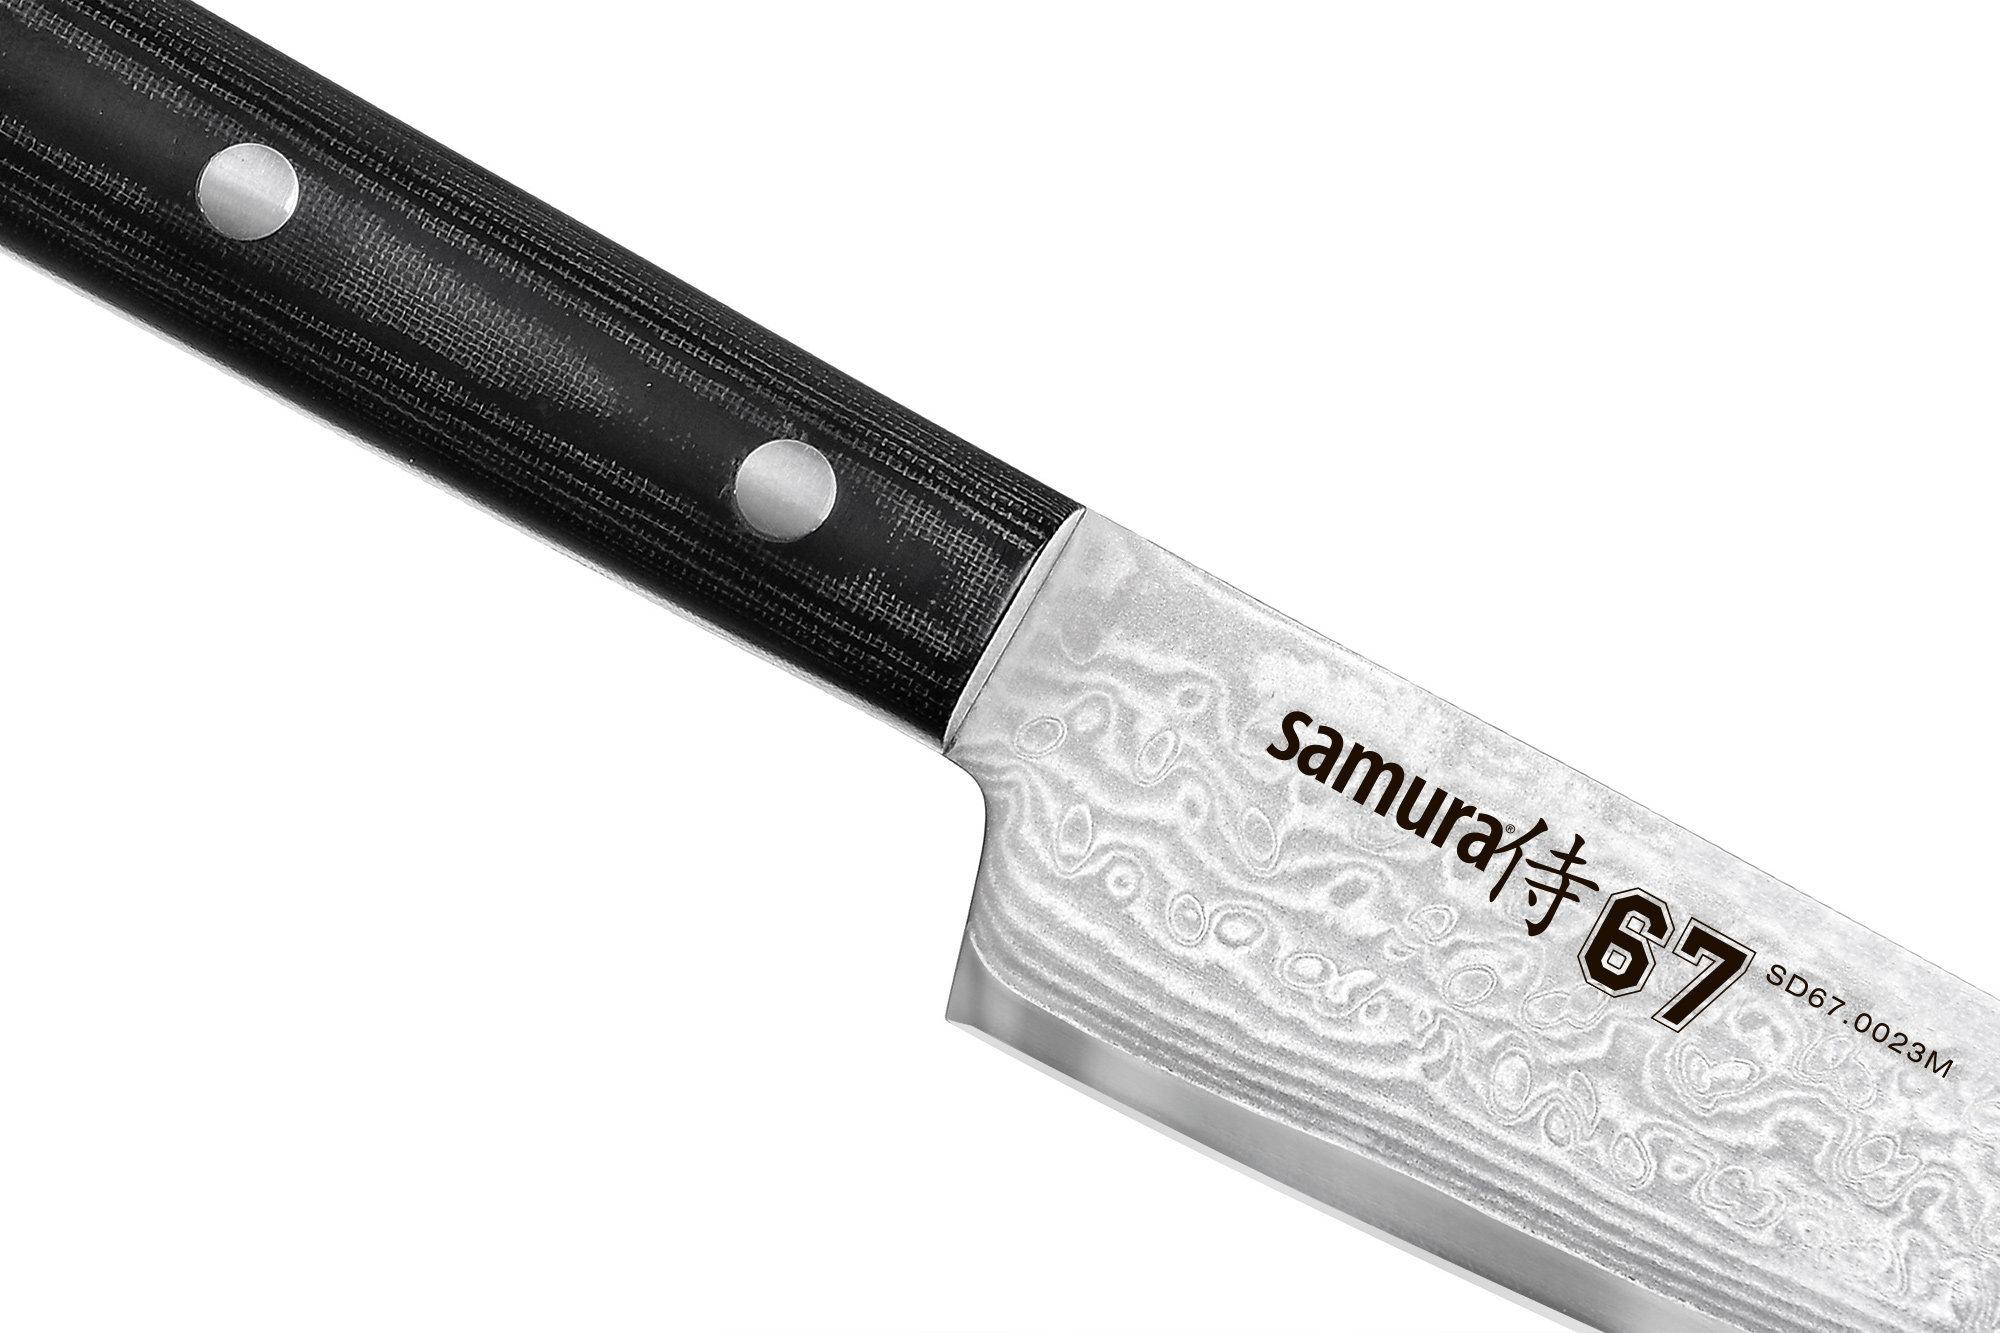 Фото 2 - Нож кухонный